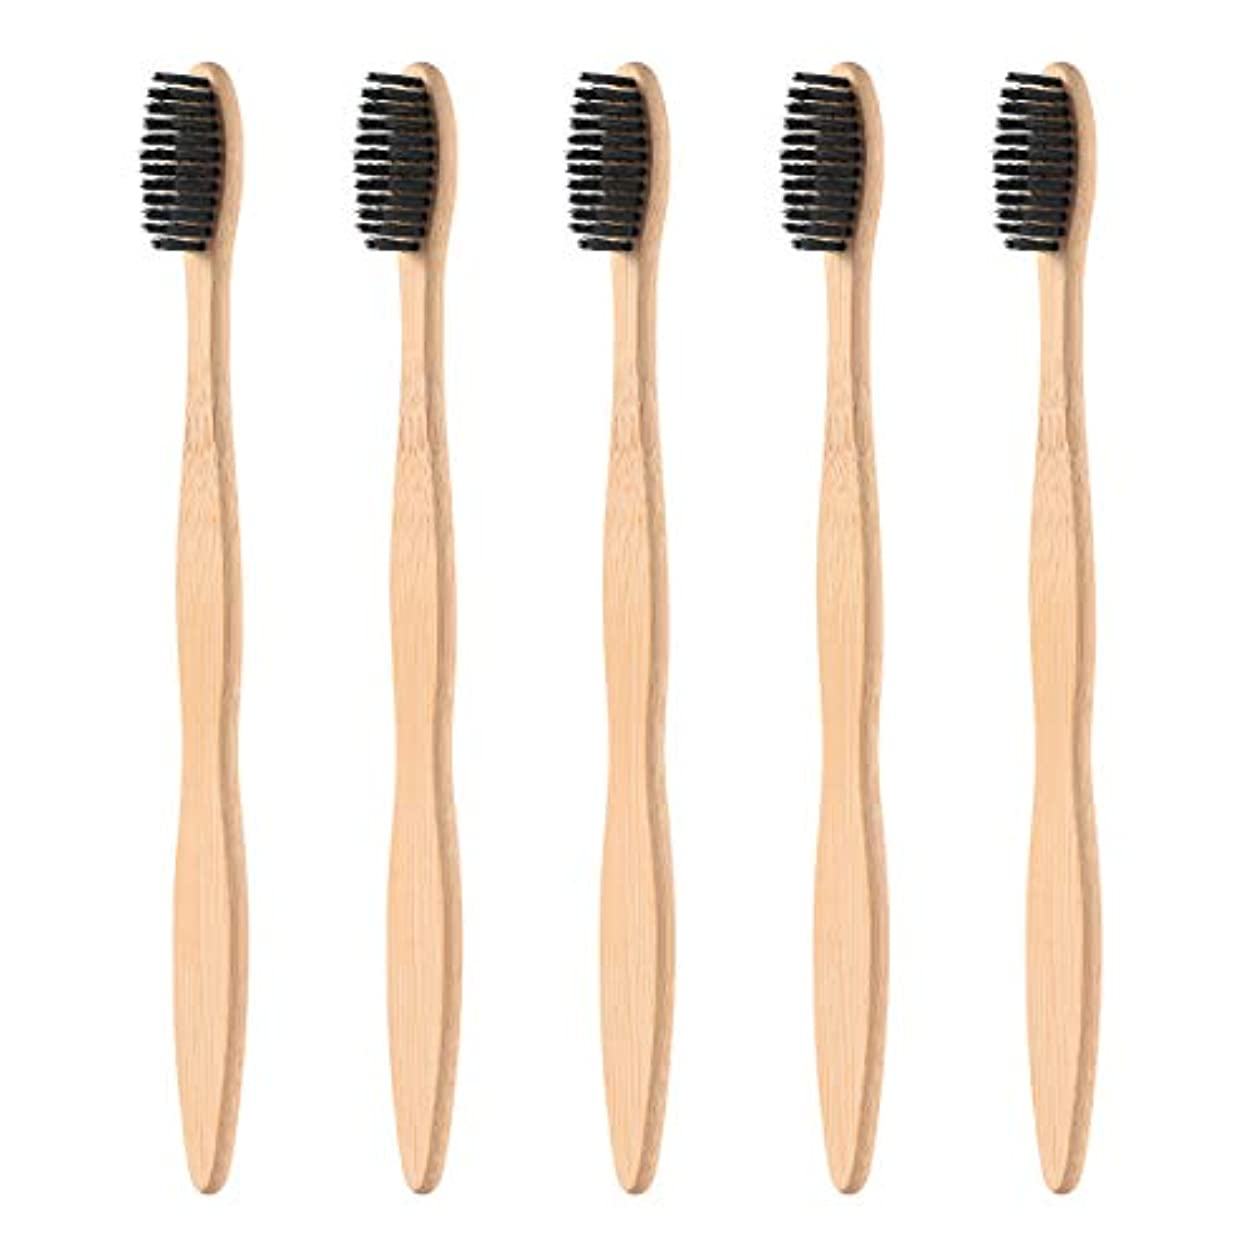 それ維持するパーティーHealifty タケ環境的に歯ブラシ5pcsは柔らかい黒い剛毛が付いている自然な木のEcoの友好的な歯ブラシを扱います